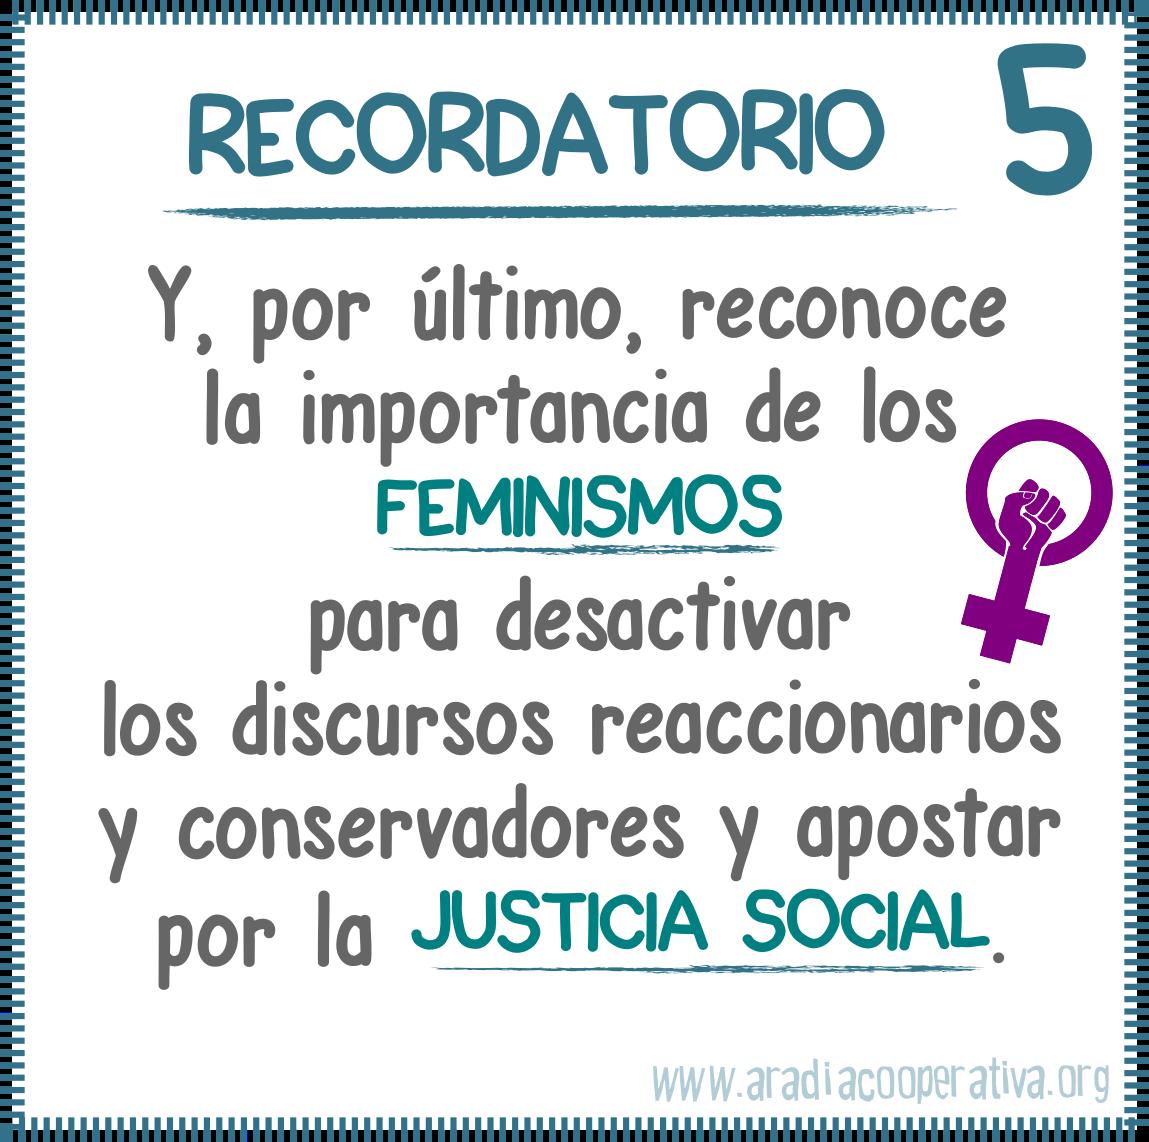 5. Recordatorio